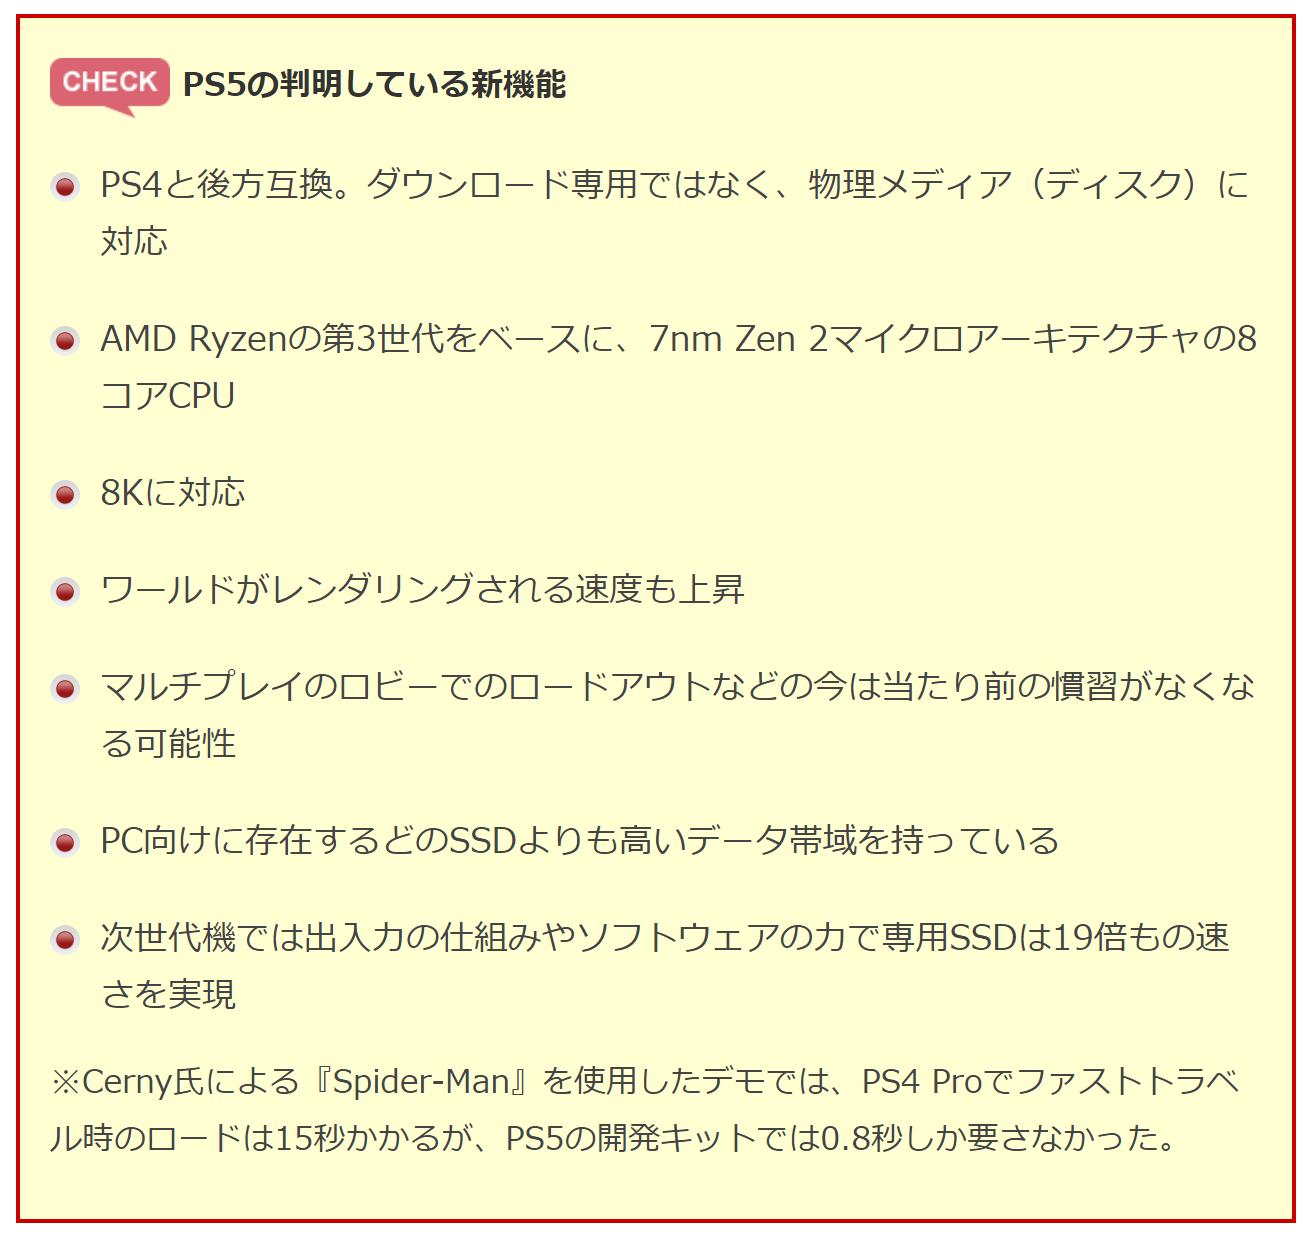 発売 日 ソフト ps5